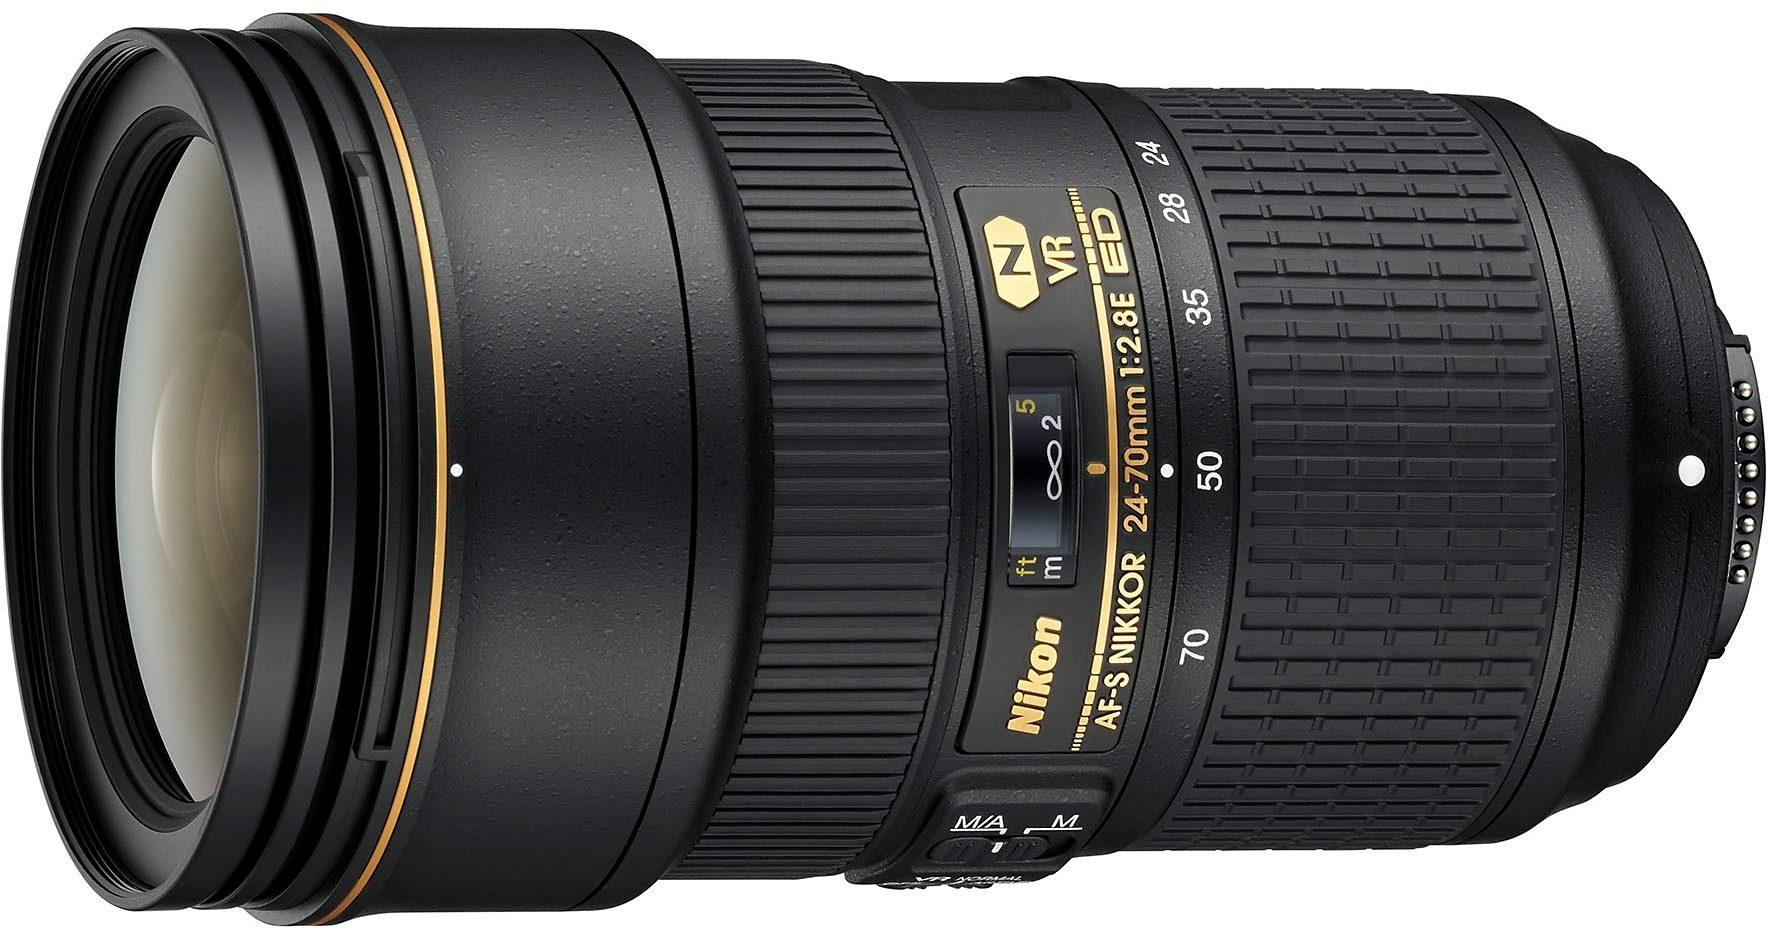 Nikon AF-S NIKKOR 24-70mm 1:2.8E ED VR Standardzoom Objektiv